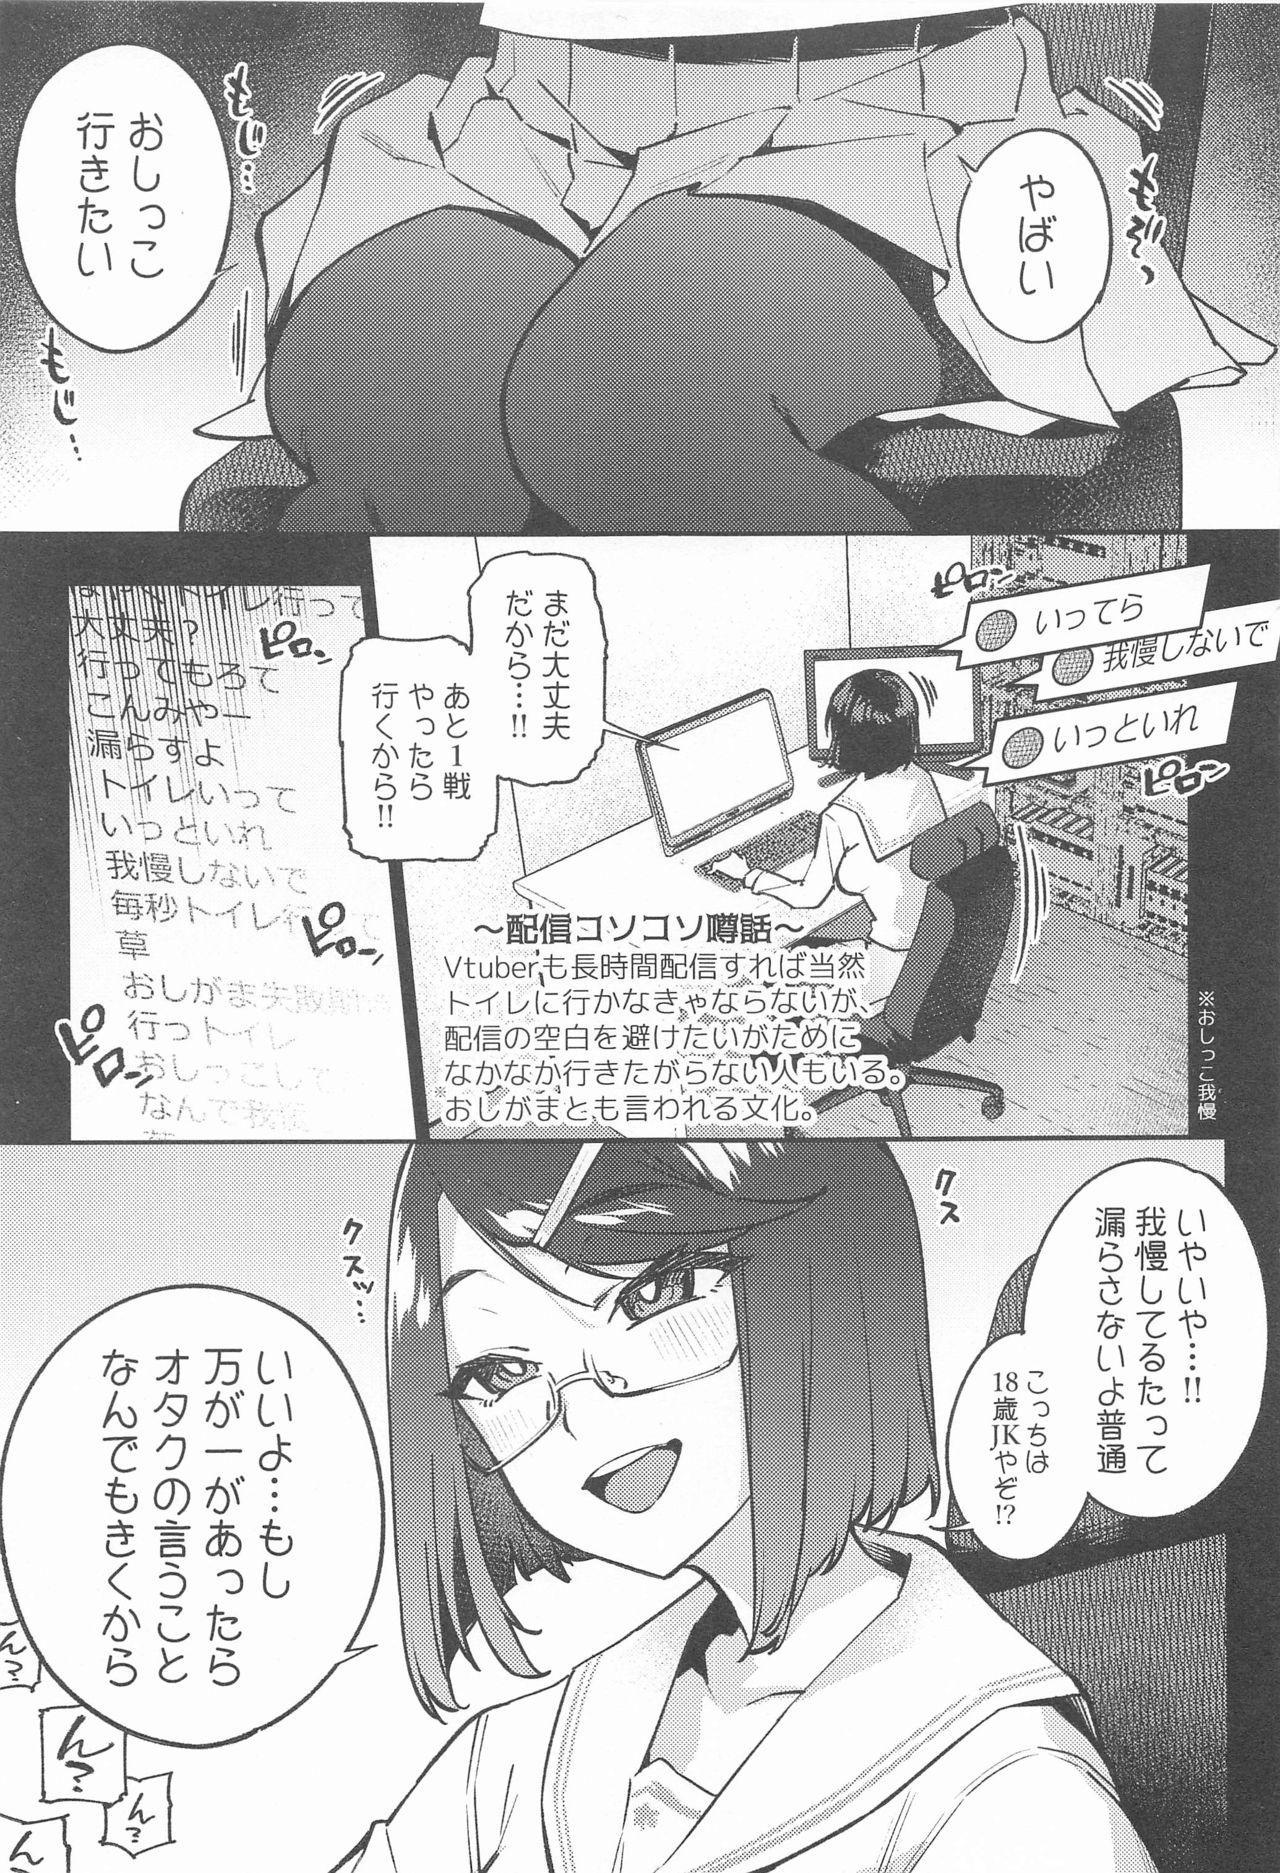 Haishin Haisetsu Chuudoku Zecchou Shou 3